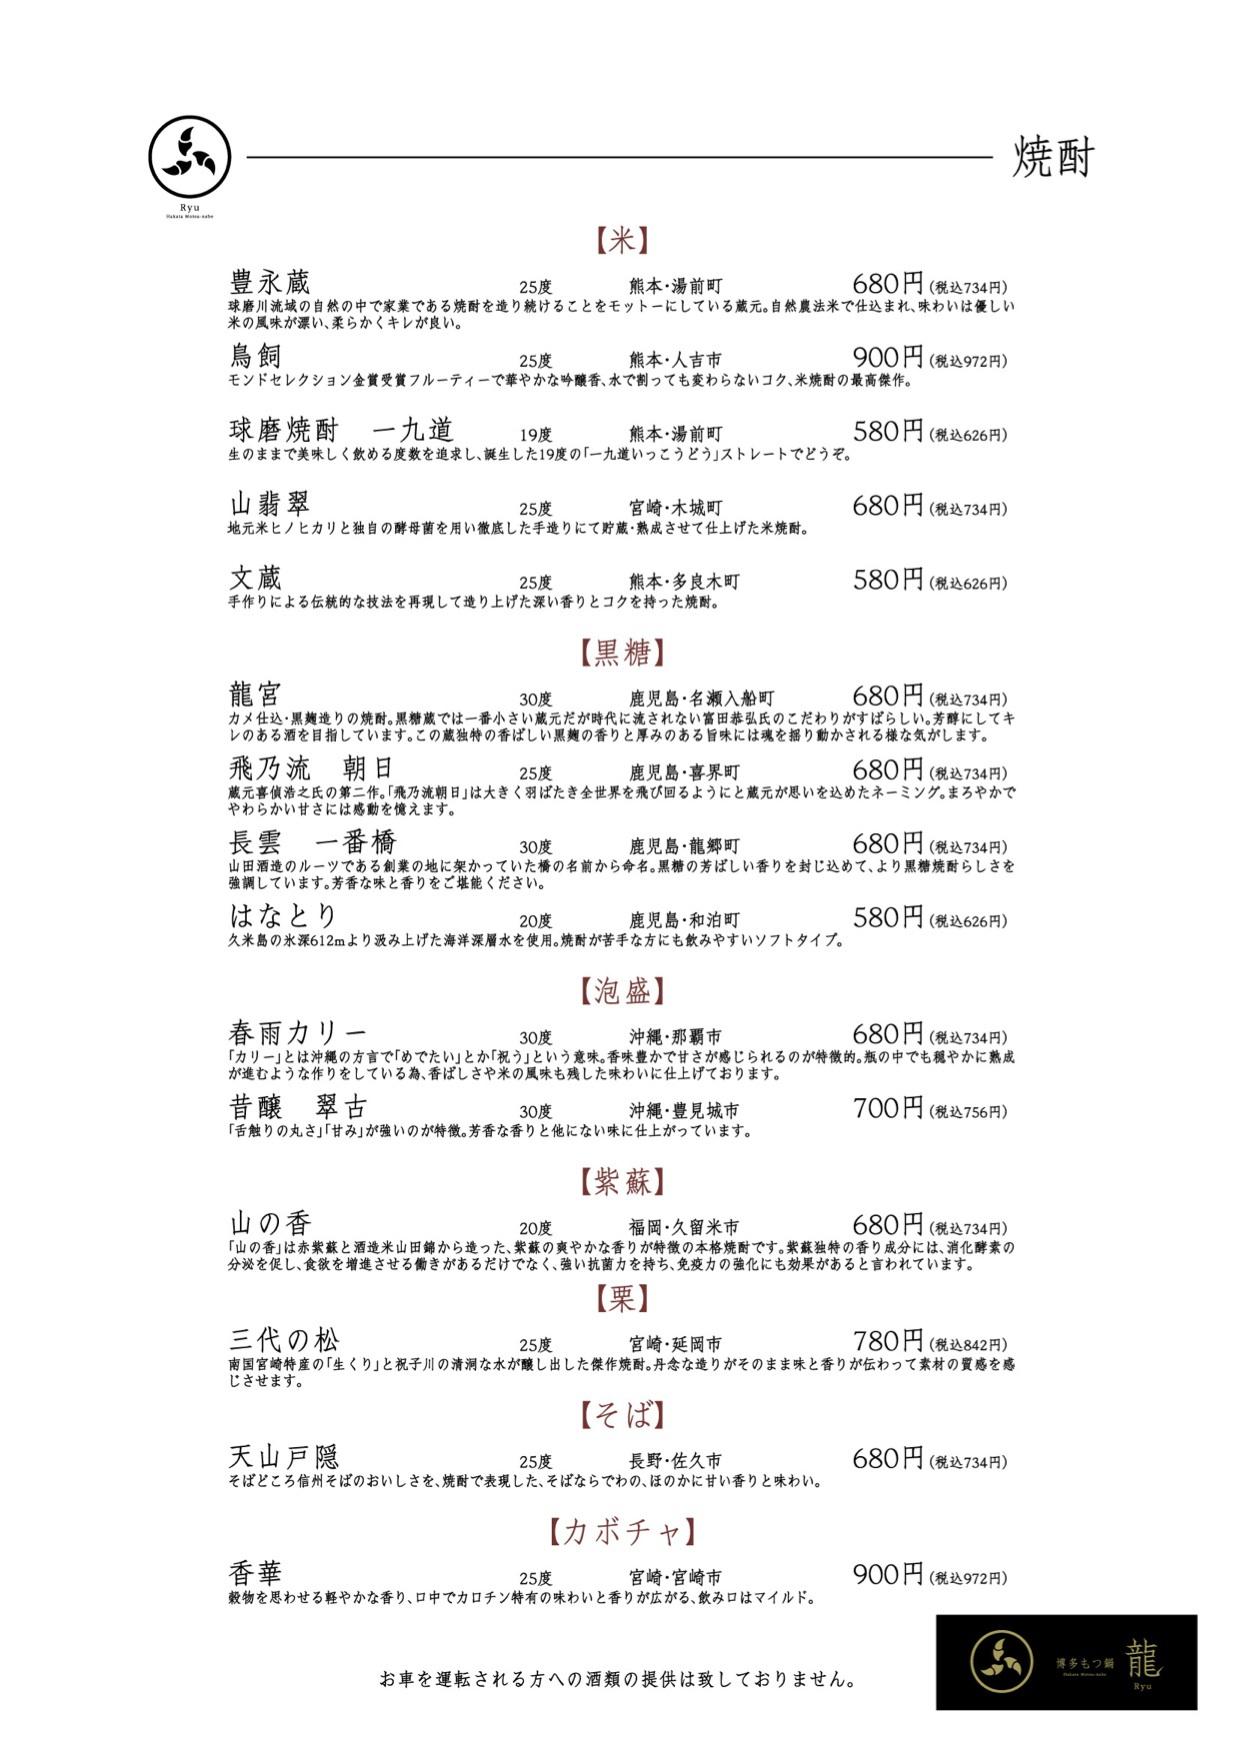 """金沢,もつ鍋,焼酎,お酒,宴会,飲み会,居酒屋"""""""""""